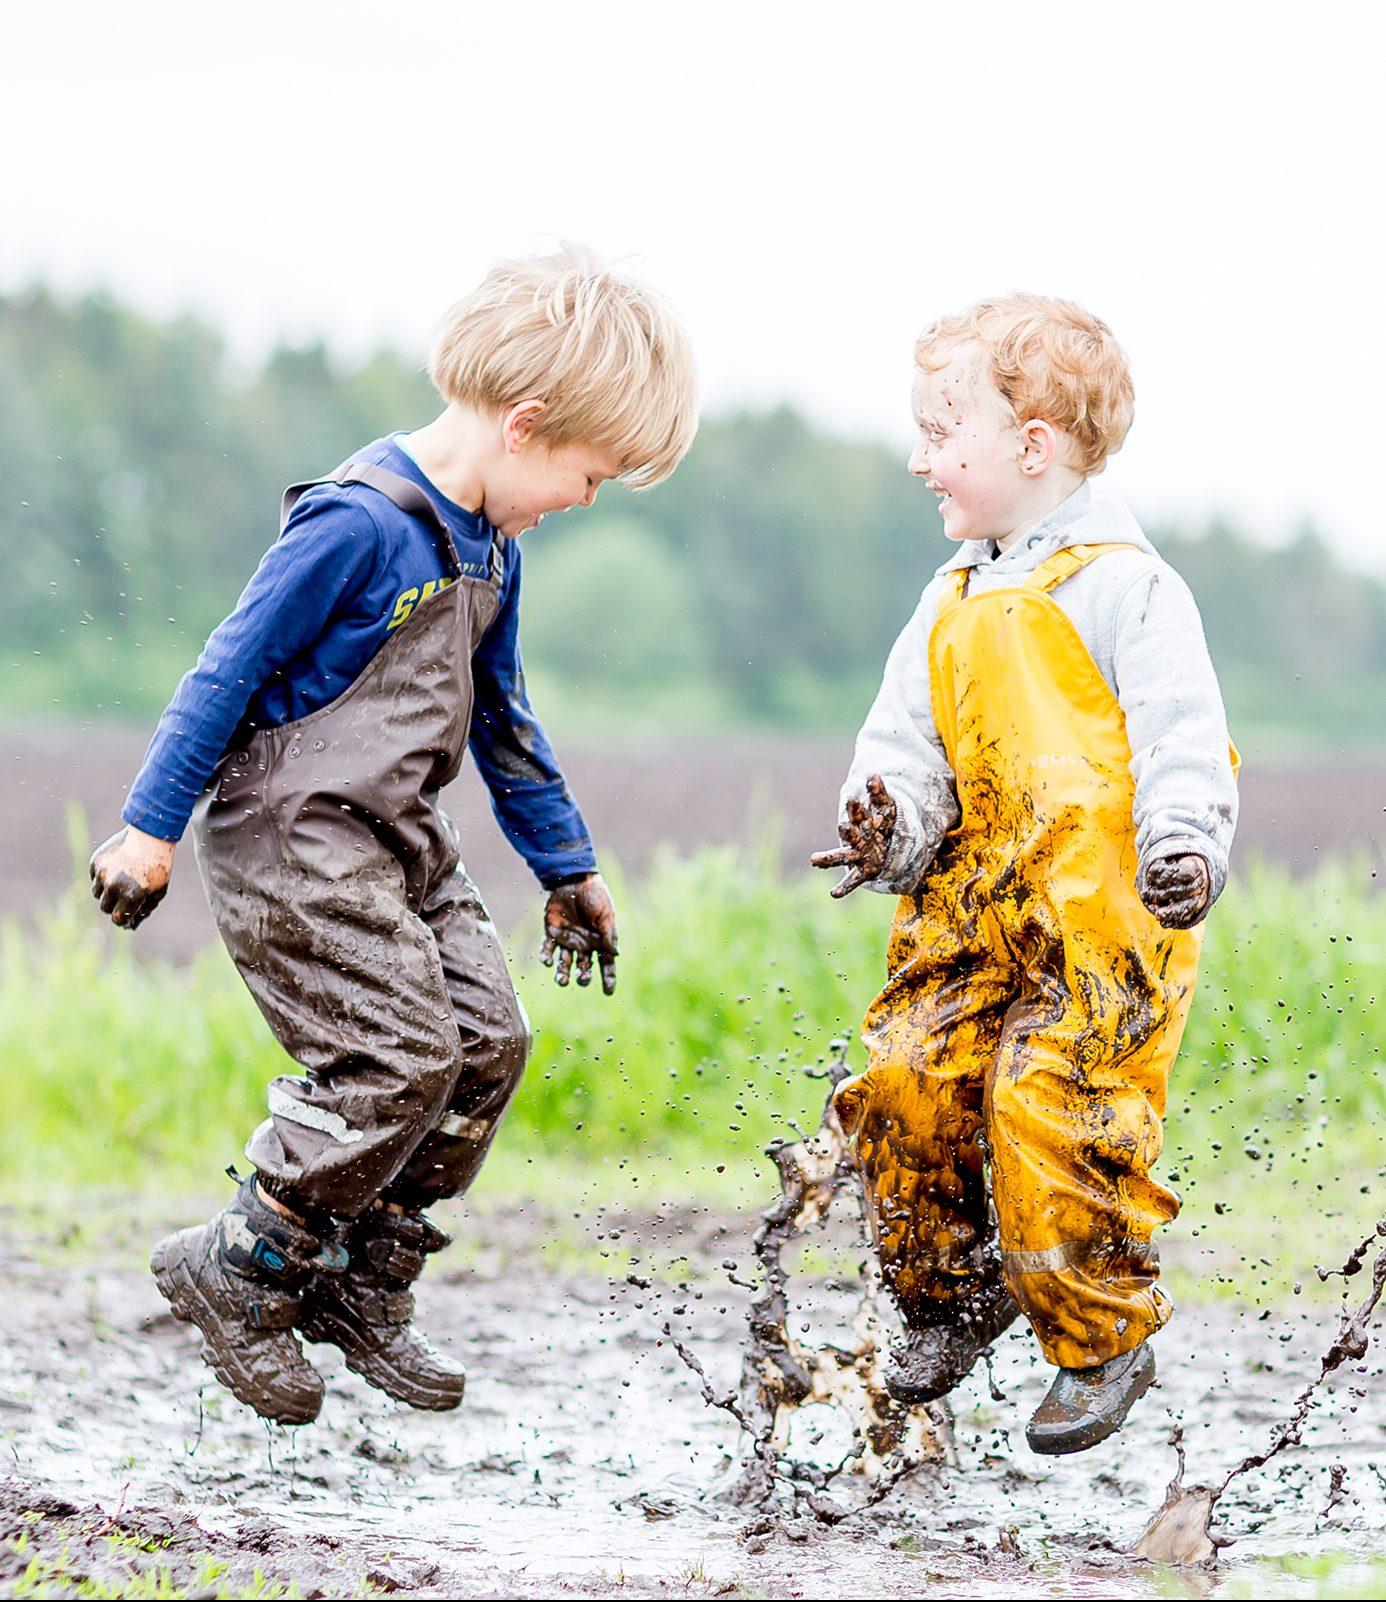 Outdoorbekleidung für Kinder